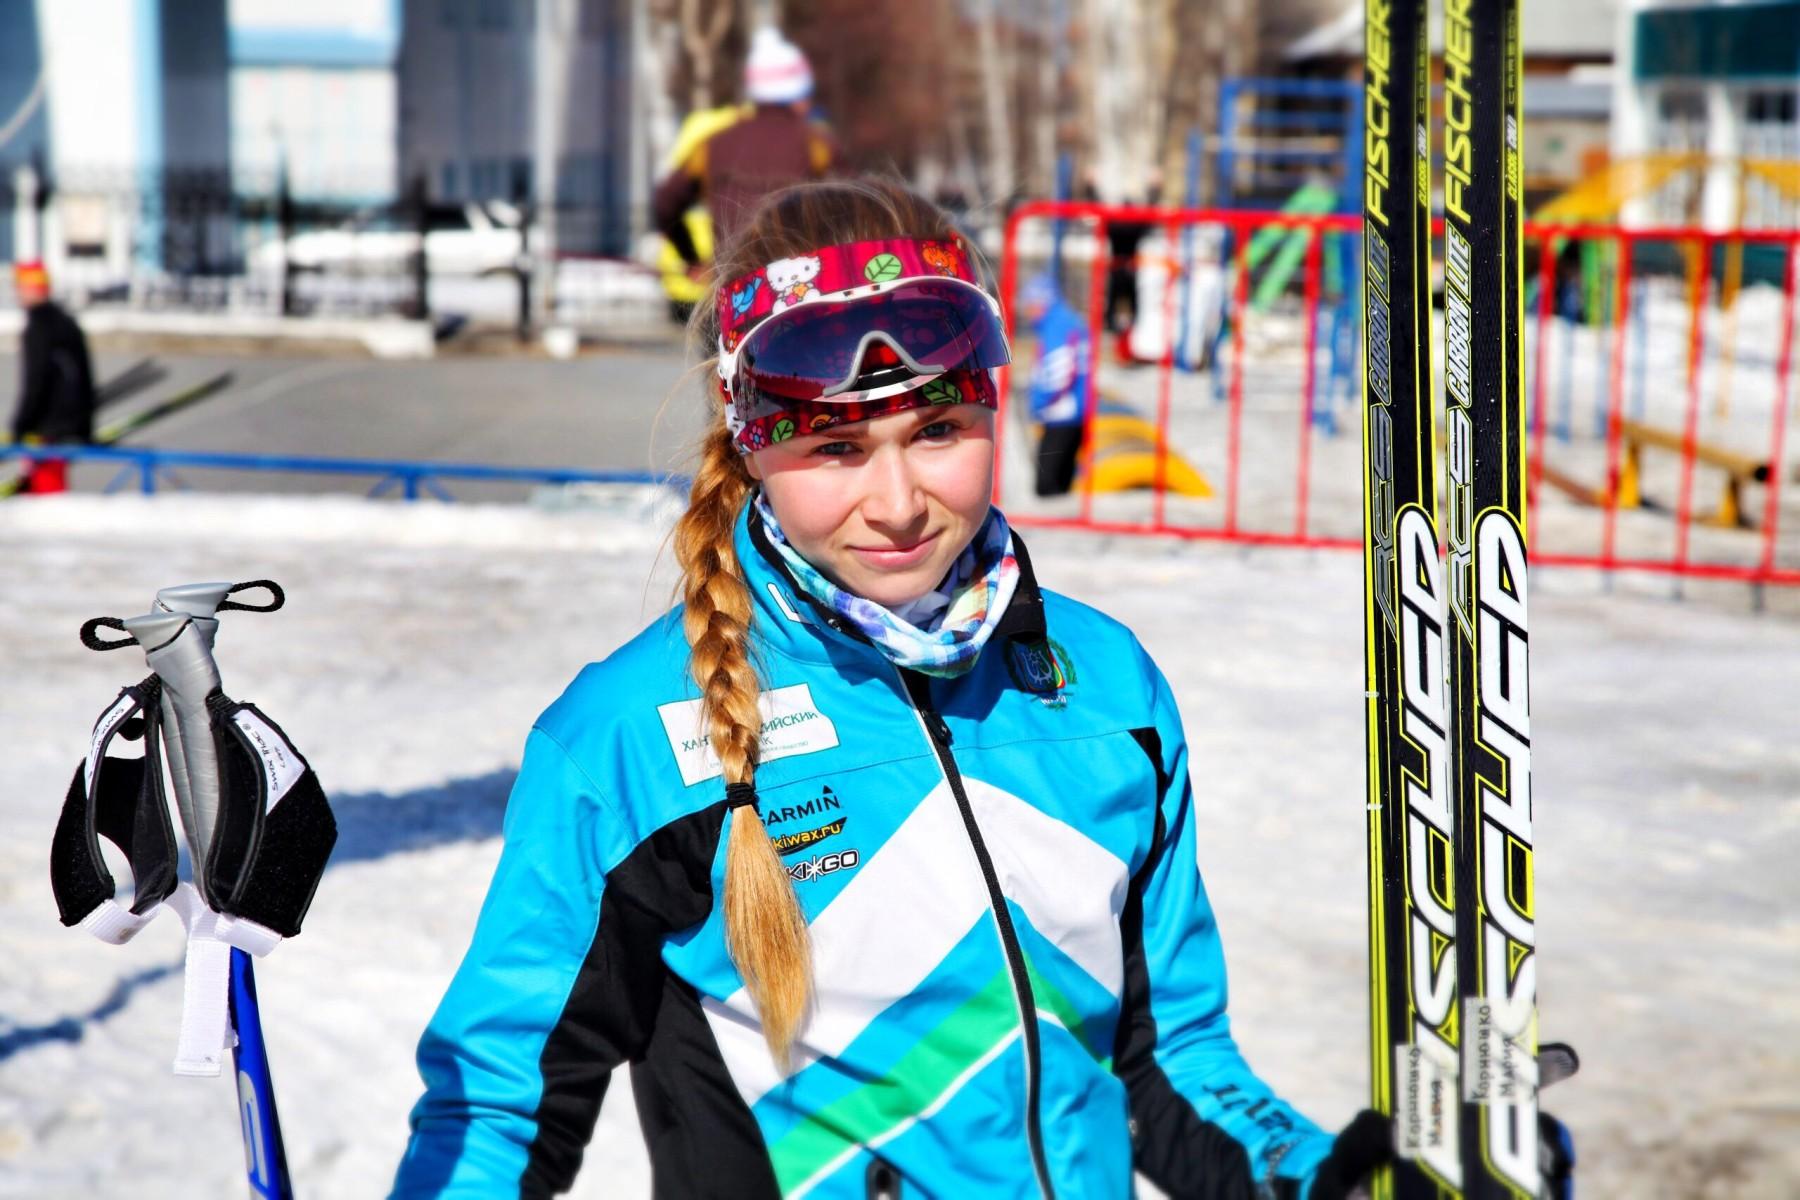 Лыжница Мария Корнюшко из Ханты-Мансийска